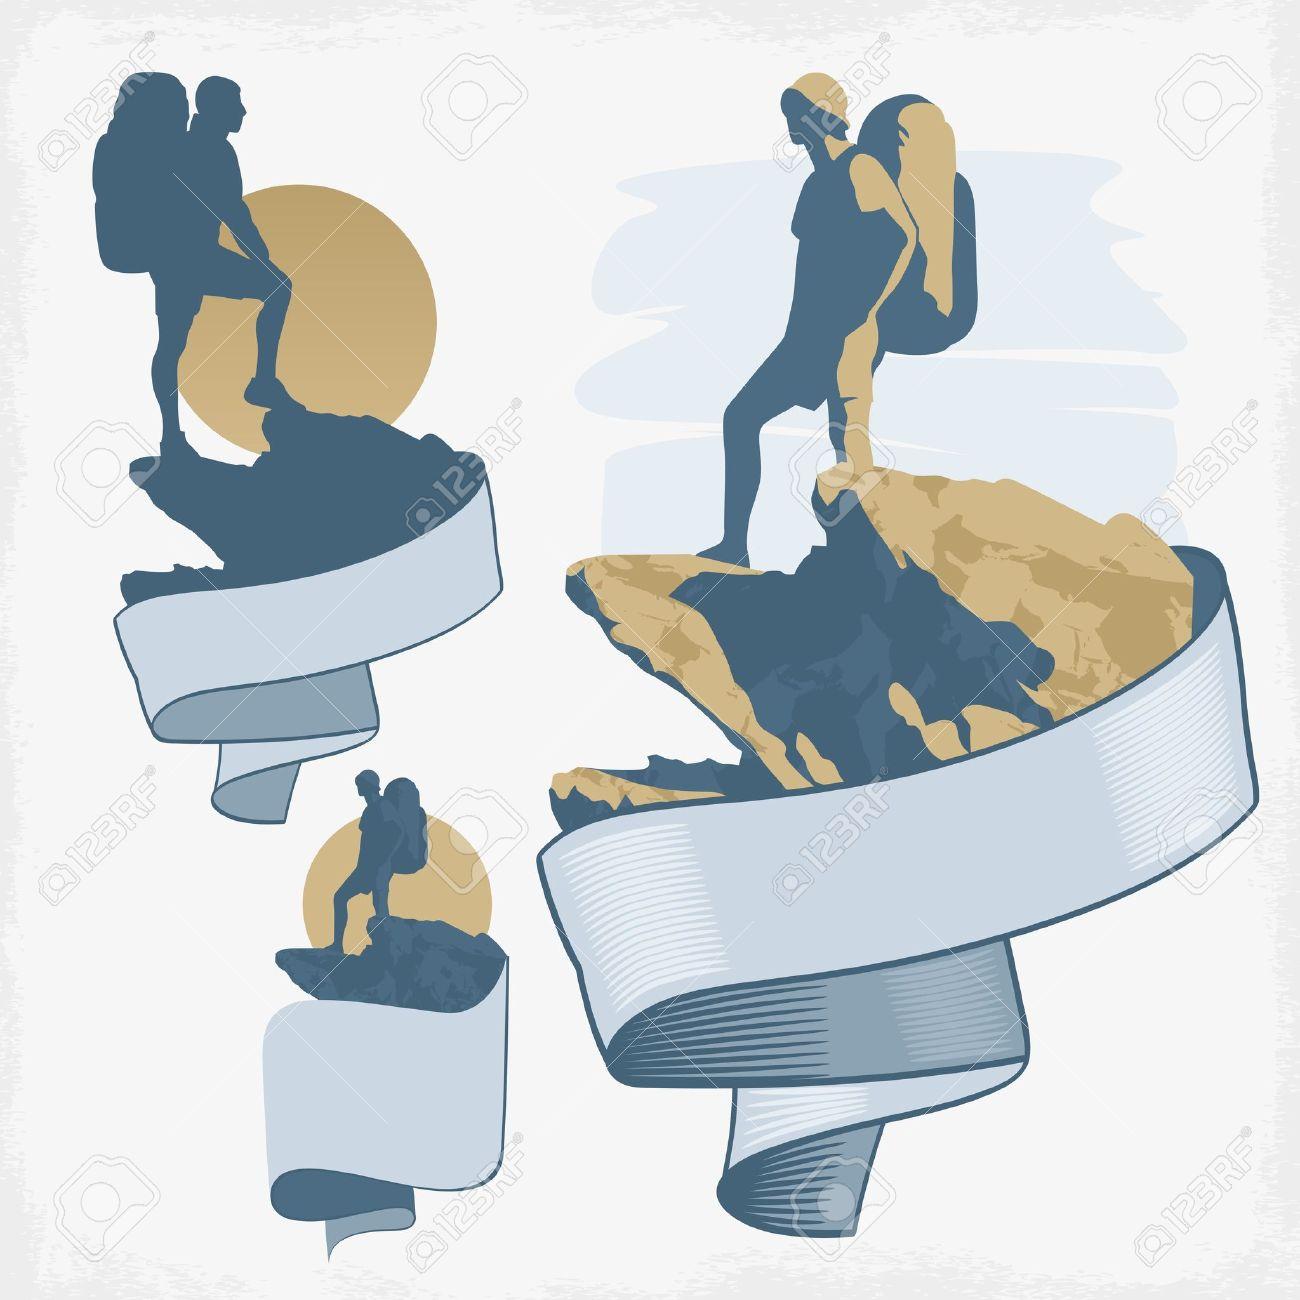 Tourisme avec sac à dos debout sur un dessin vectoriel sommet de la montagne Banque d'images - 18282877